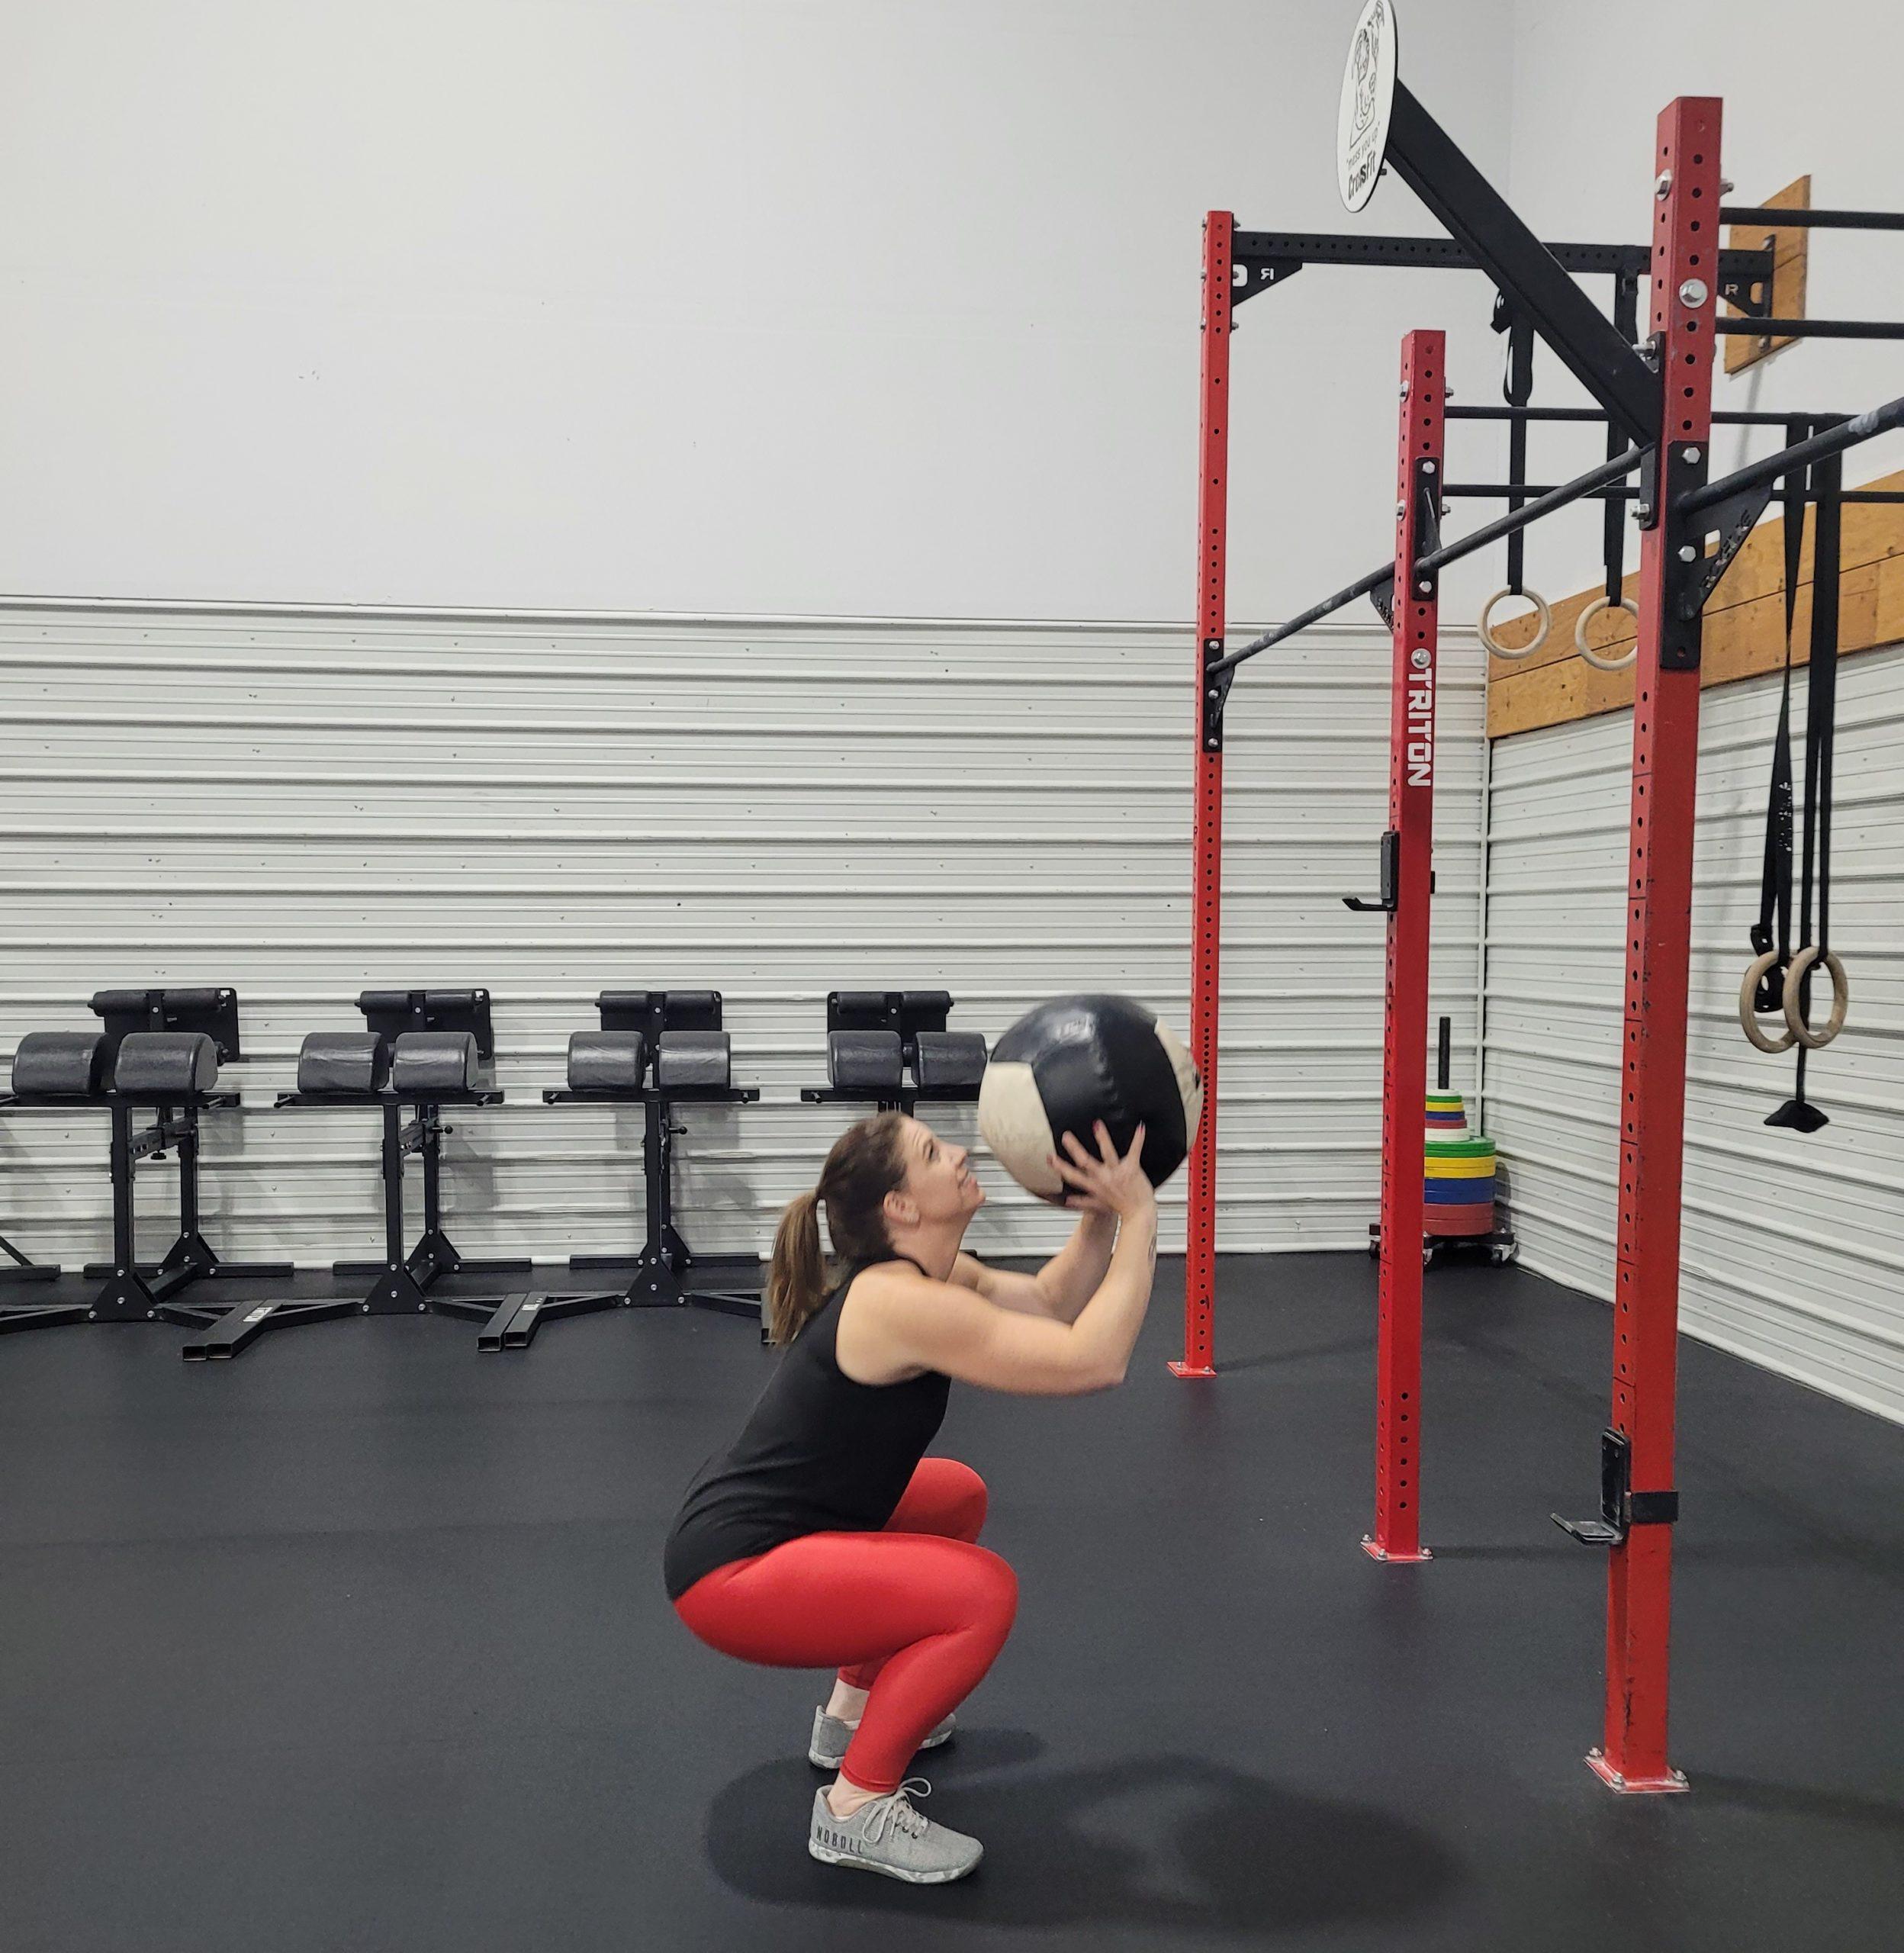 Kayla Passaro performs wall balls